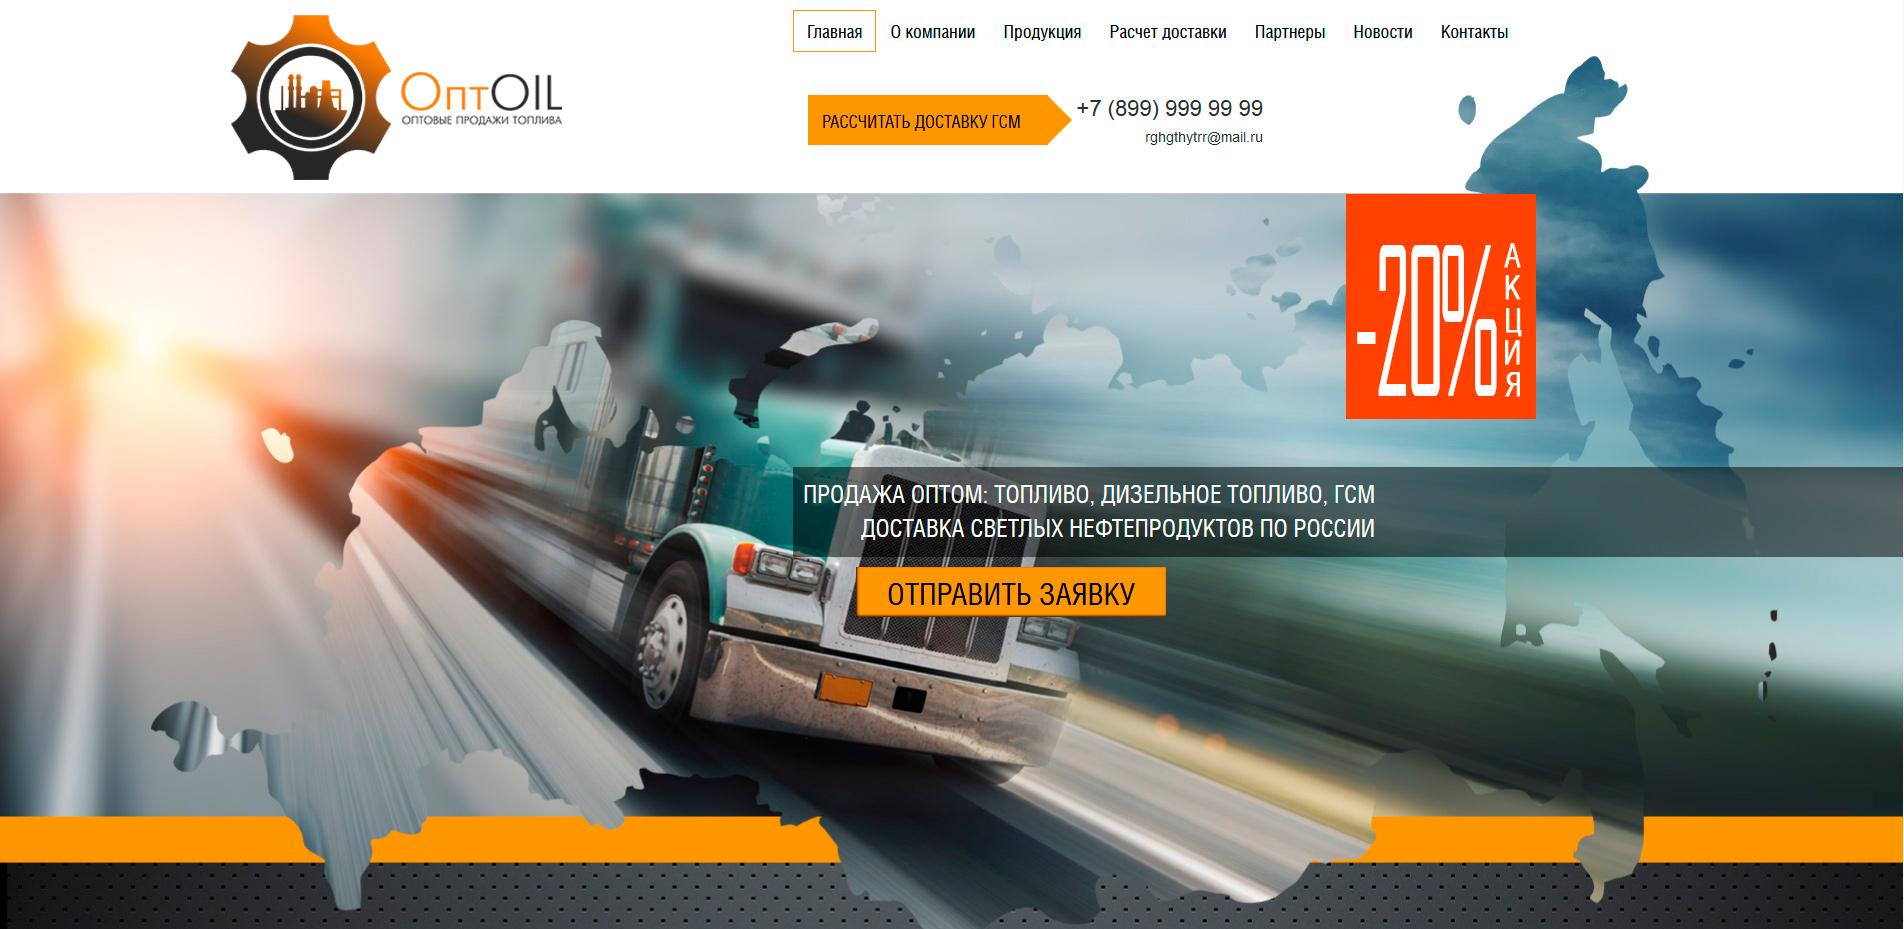 Оптовые продажи топлива — ОПТ OIL